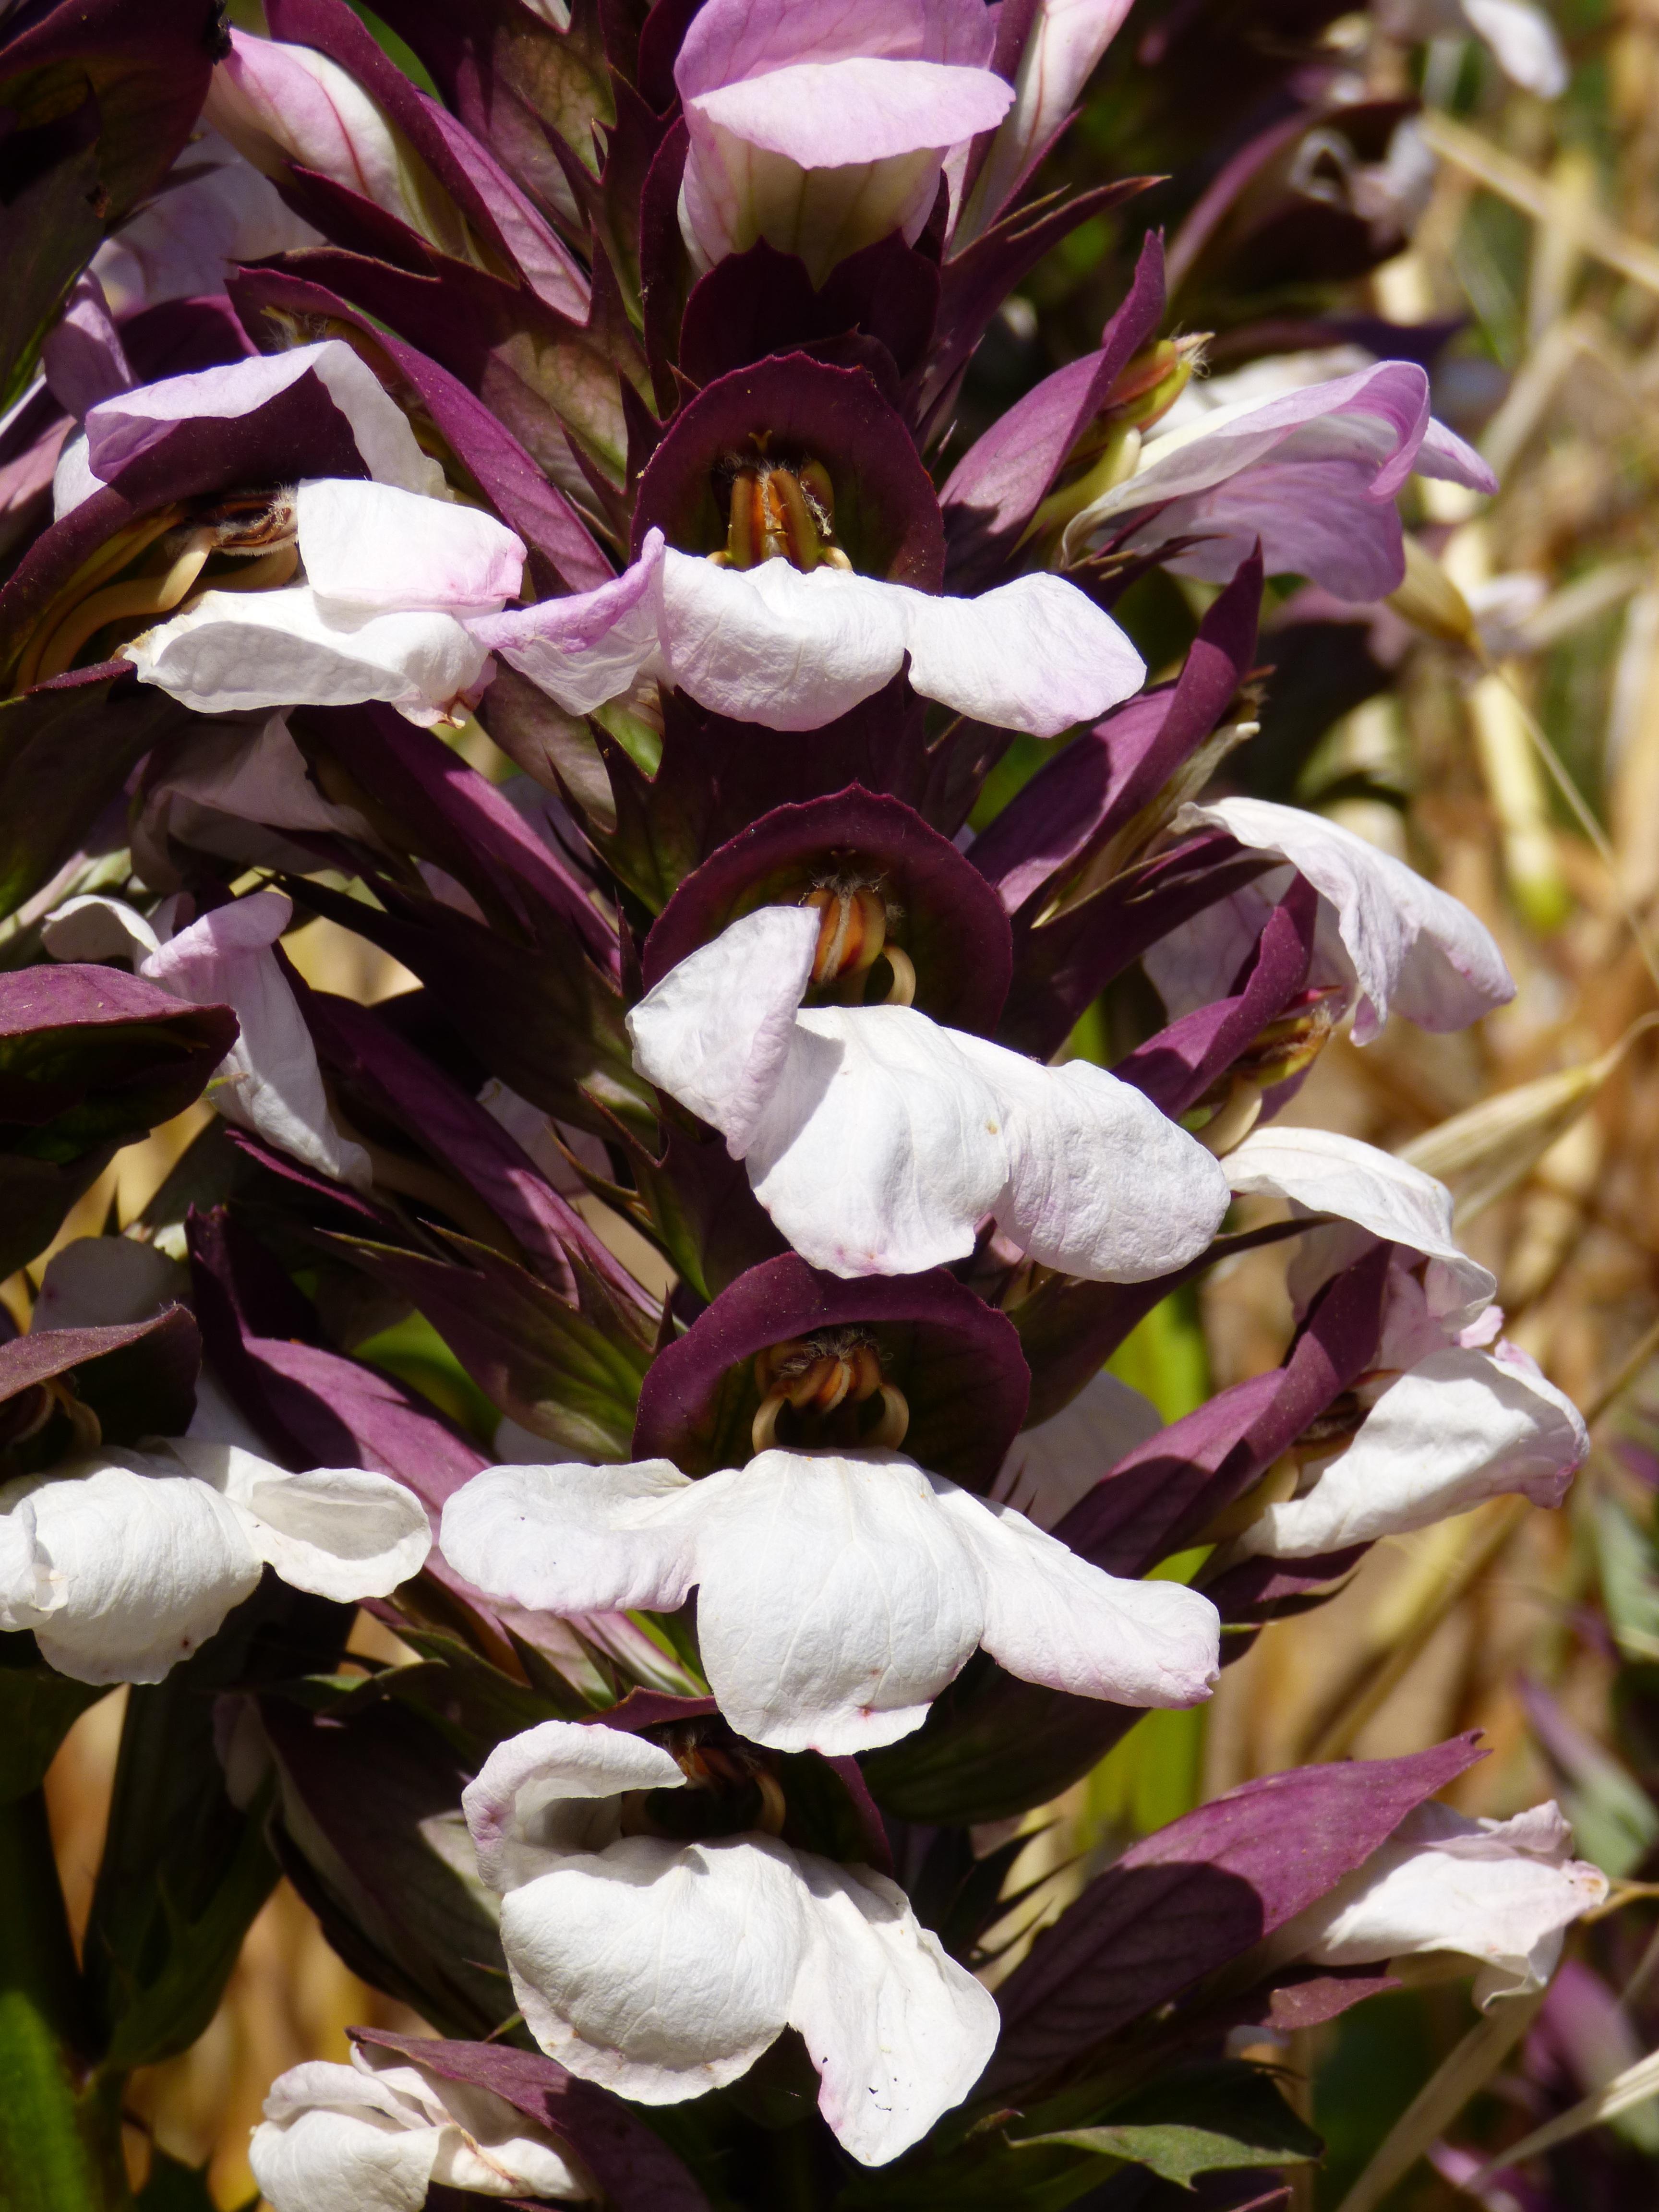 Images Gratuites : la nature, fleur, violet, pétale, Floraison, printemps, Naturel, botanique ...